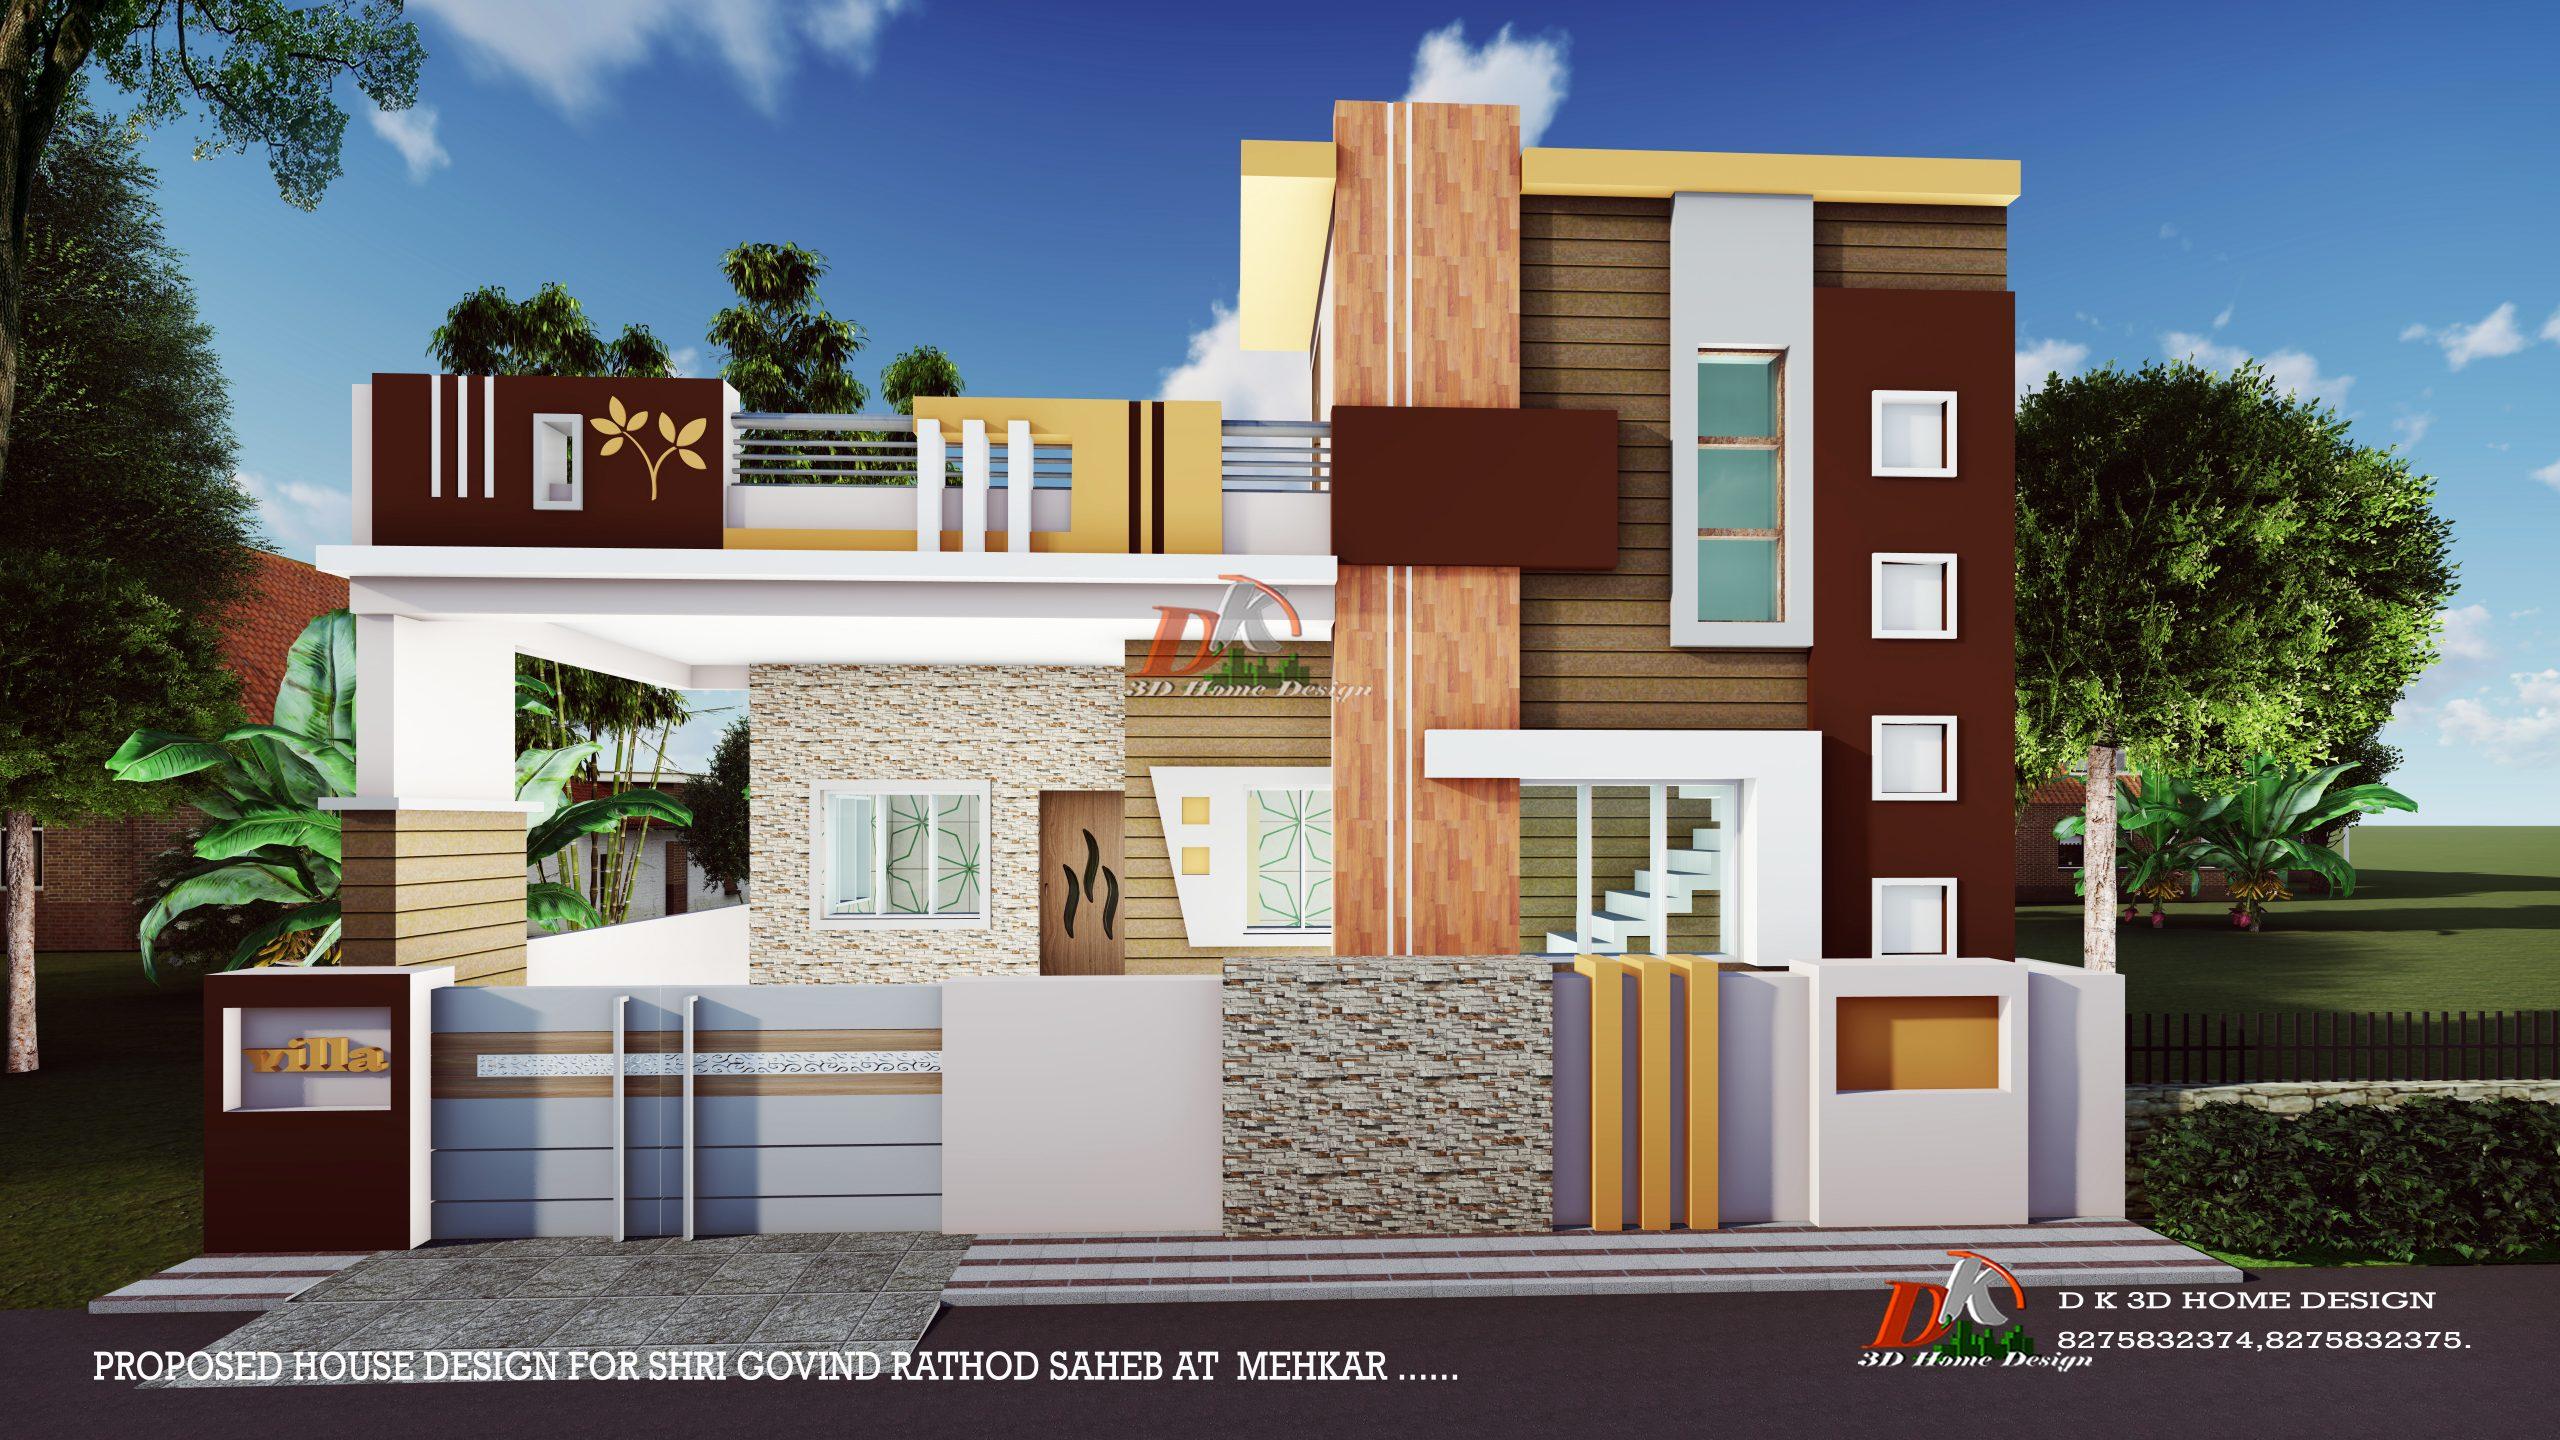 Ground floor elevation